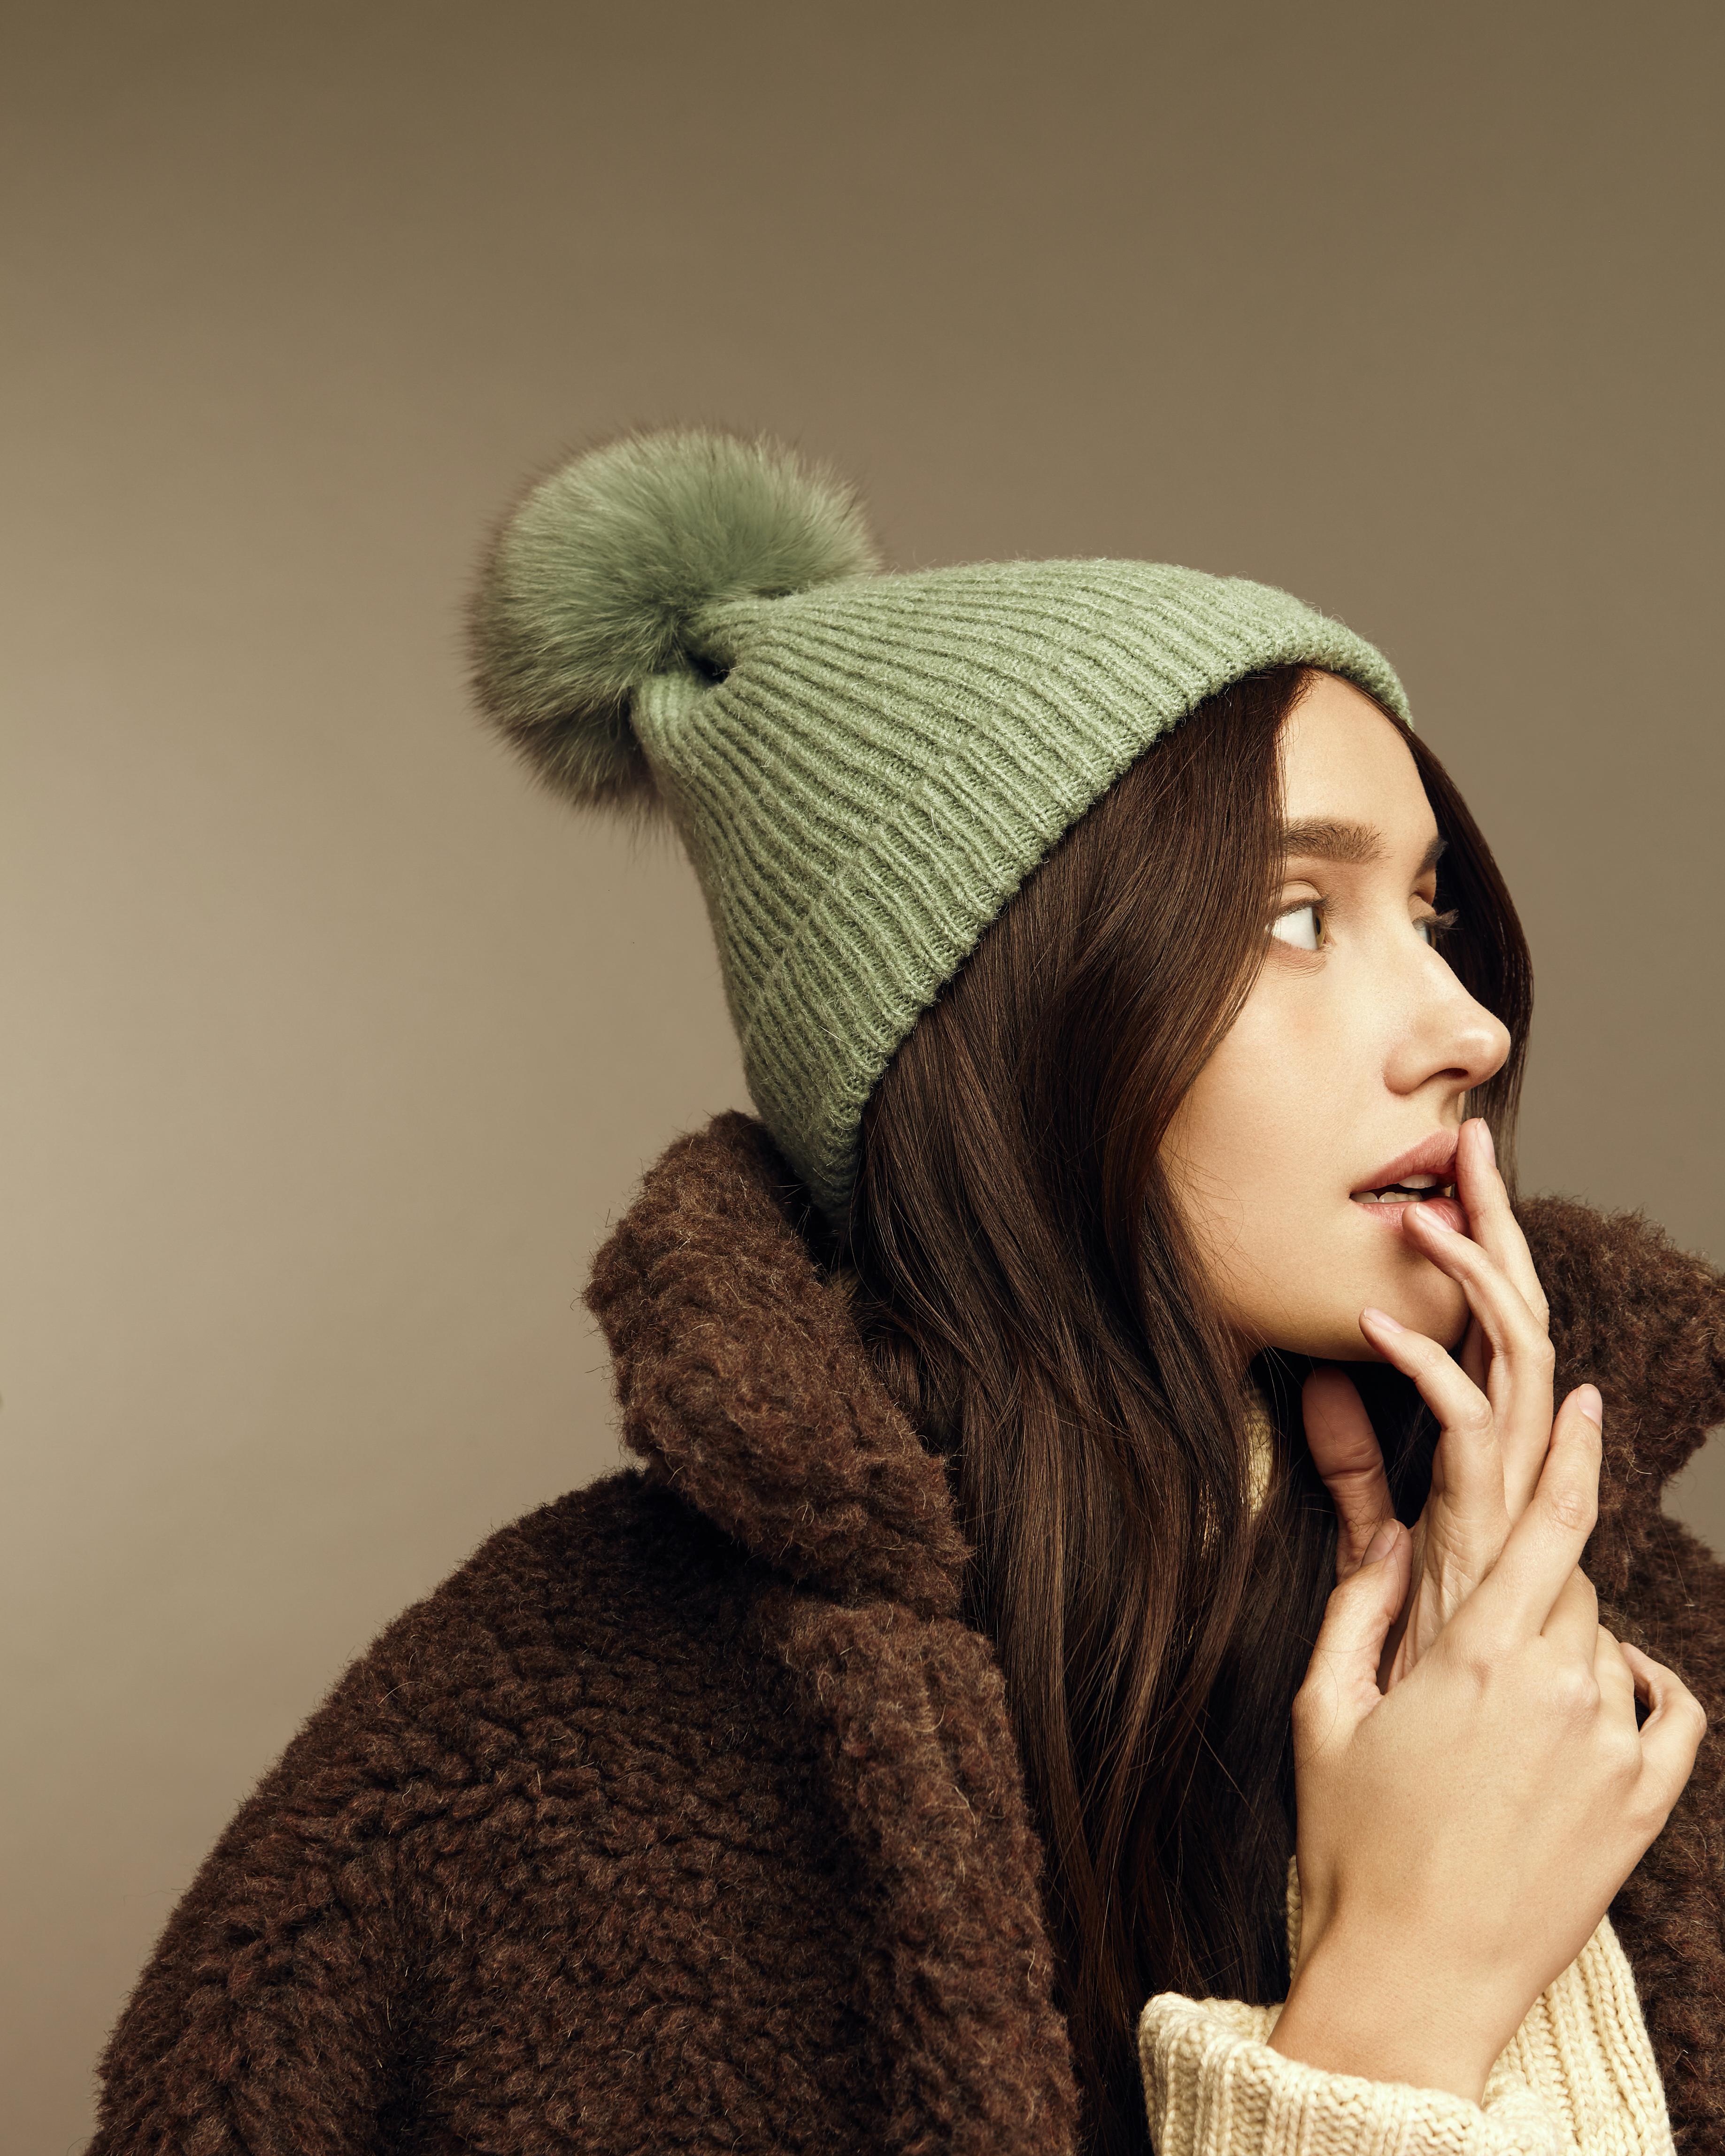 Одеться тепло и стильно